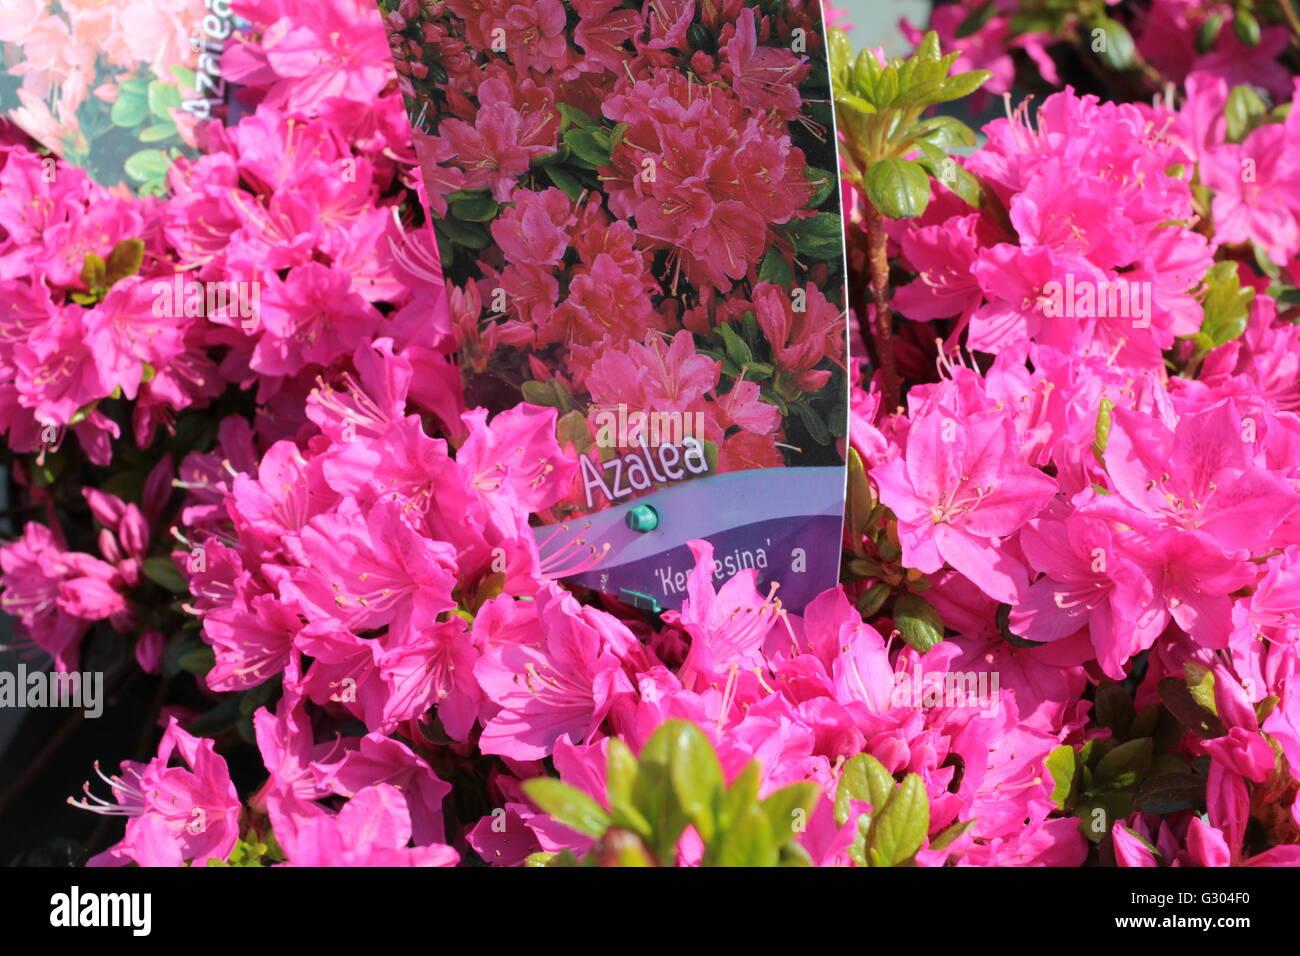 Pink Azalea 'kermesina' in full bloom - Stock Image